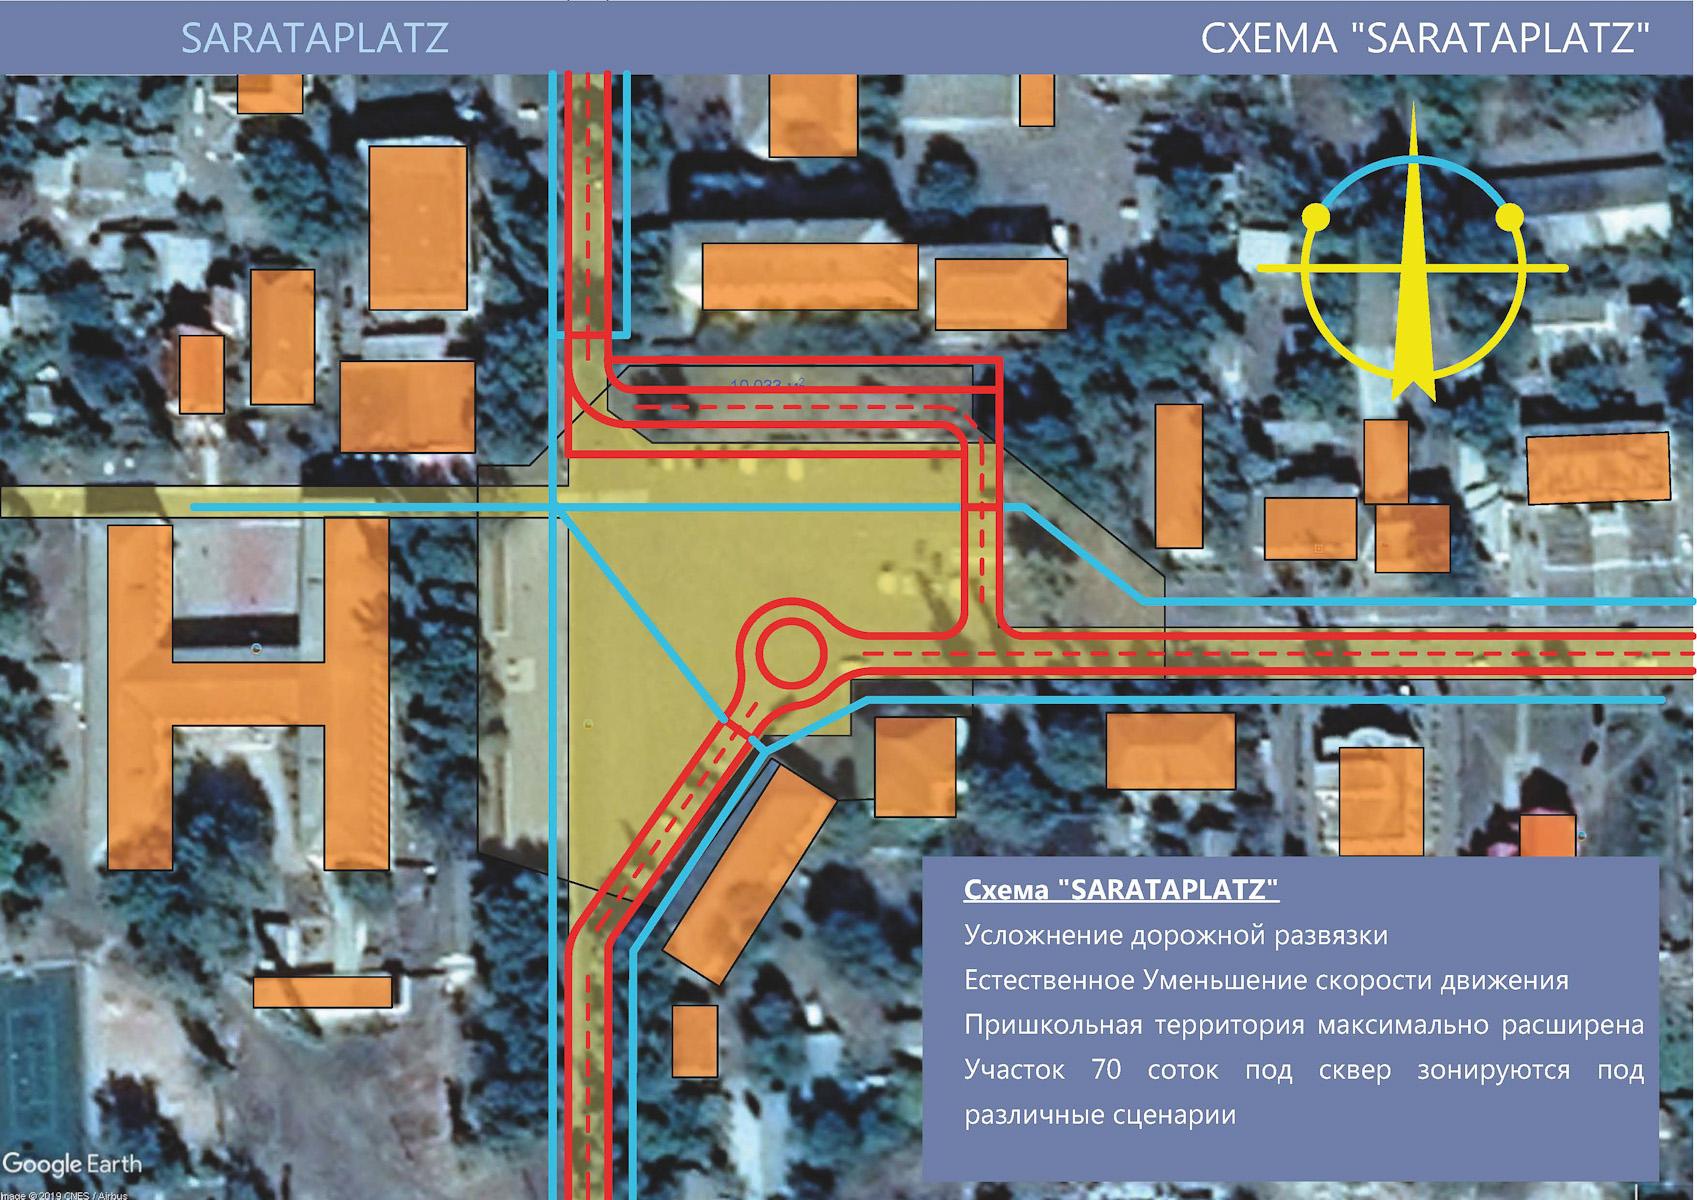 URDI Обсуждение вариантов реновации площади Сараты_Страница_10